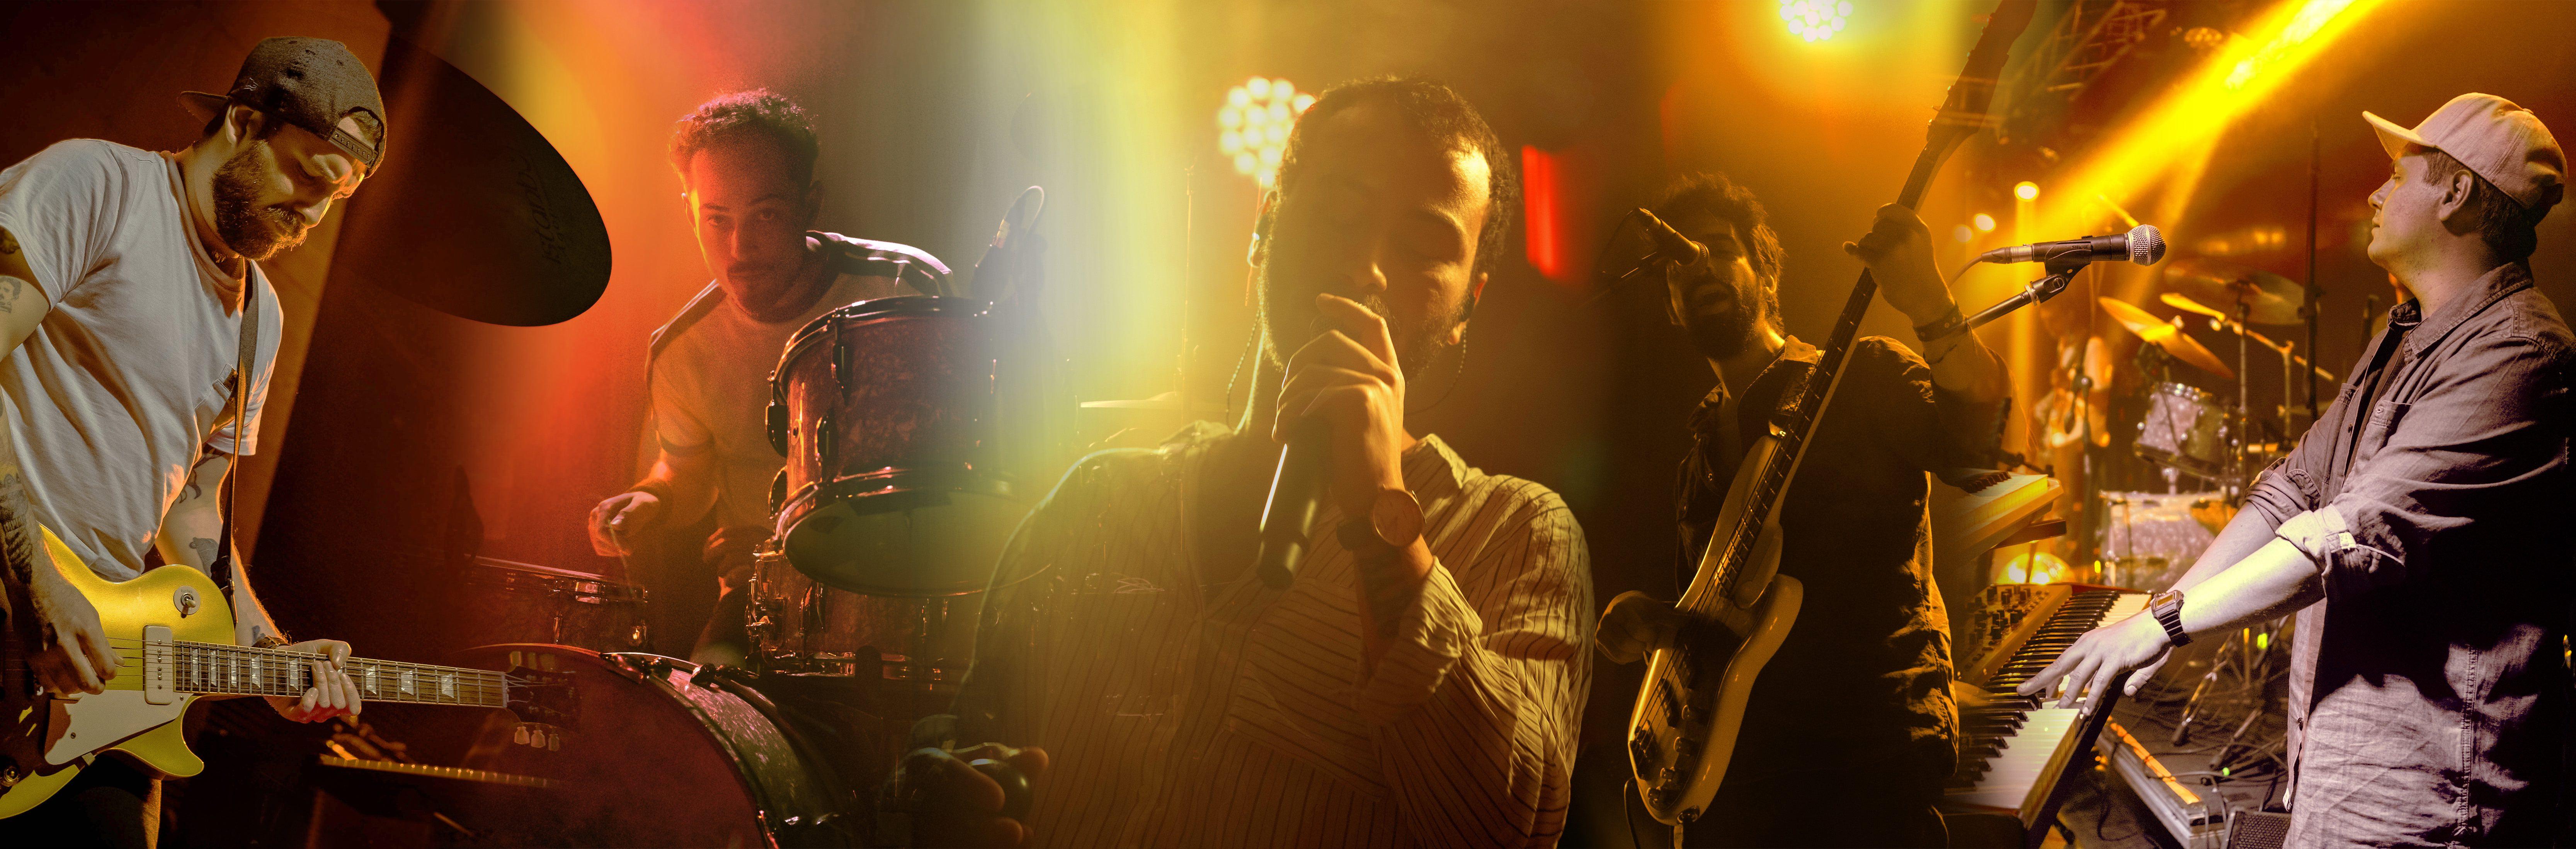 Yüzyüzeyken Konuşuruz'un Konser Belgeseli BluTV'de Yayında!